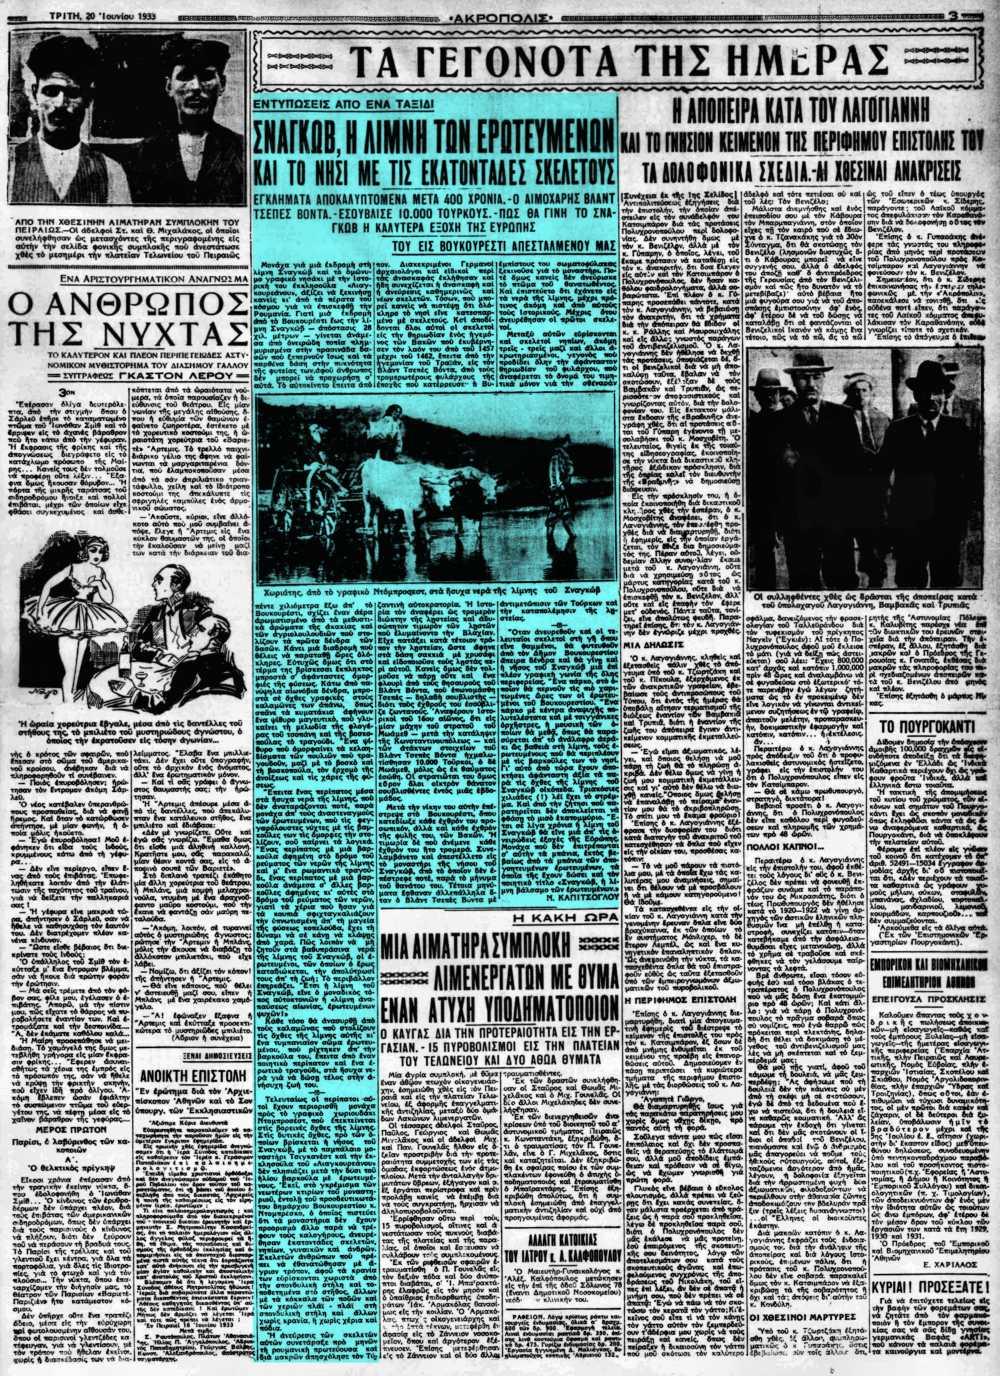 """Το άρθρο, όπως δημοσιεύθηκε στην εφημερίδα """"ΑΚΡΟΠΟΛΙΣ"""", στις 20/06/1933"""